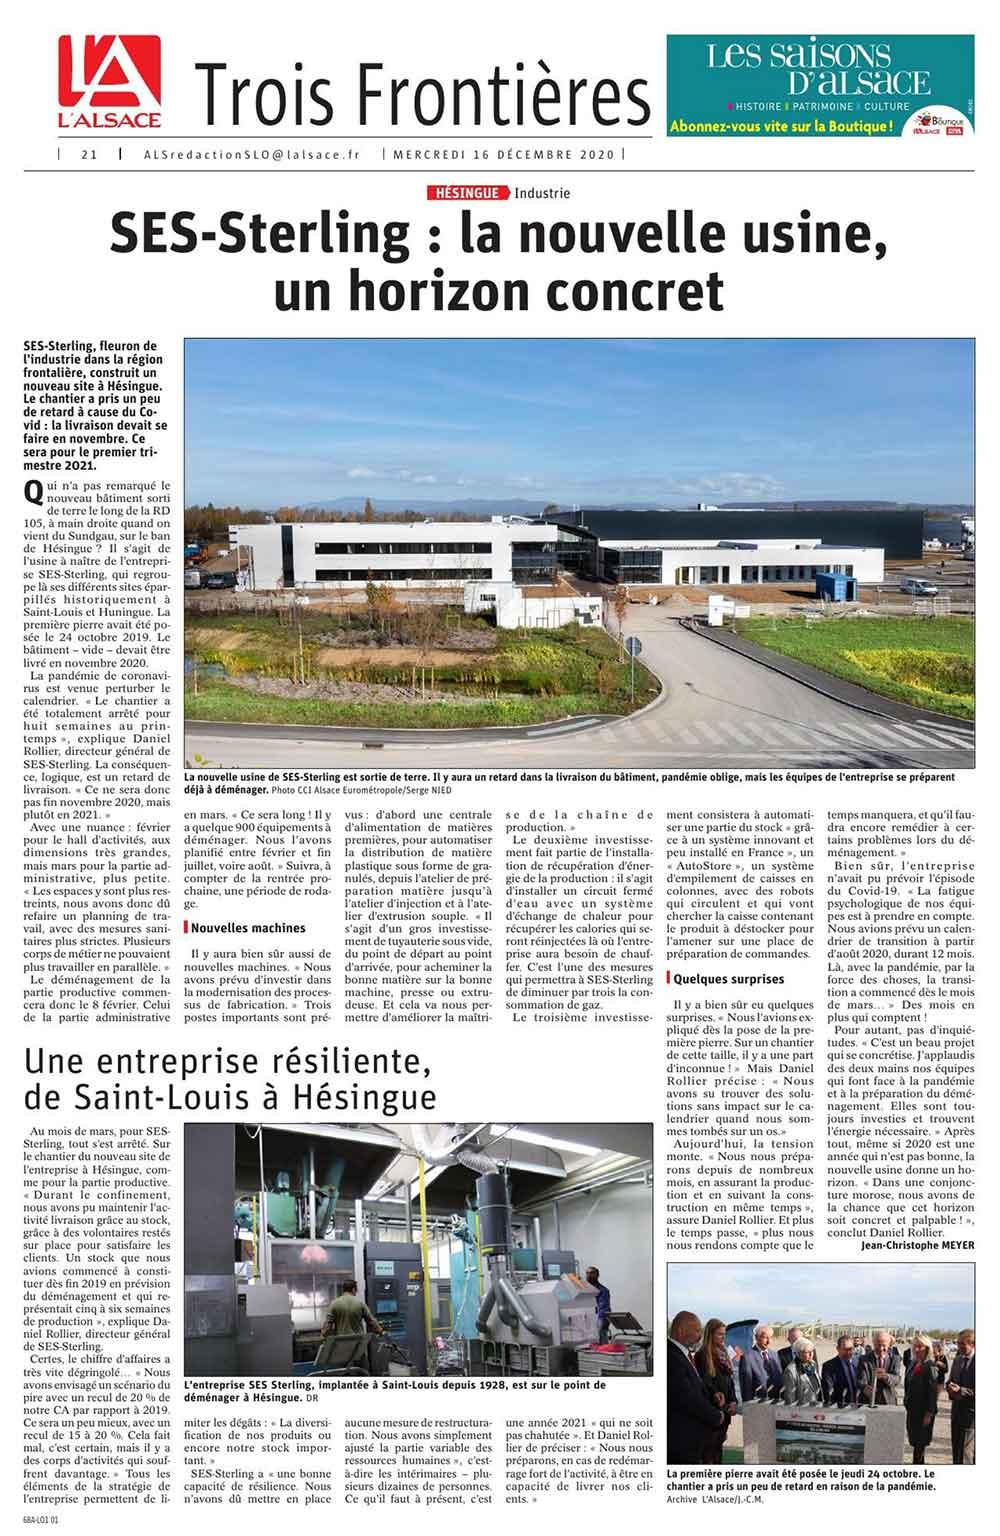 Article de presse du journal l'Alesace de décembre 2020